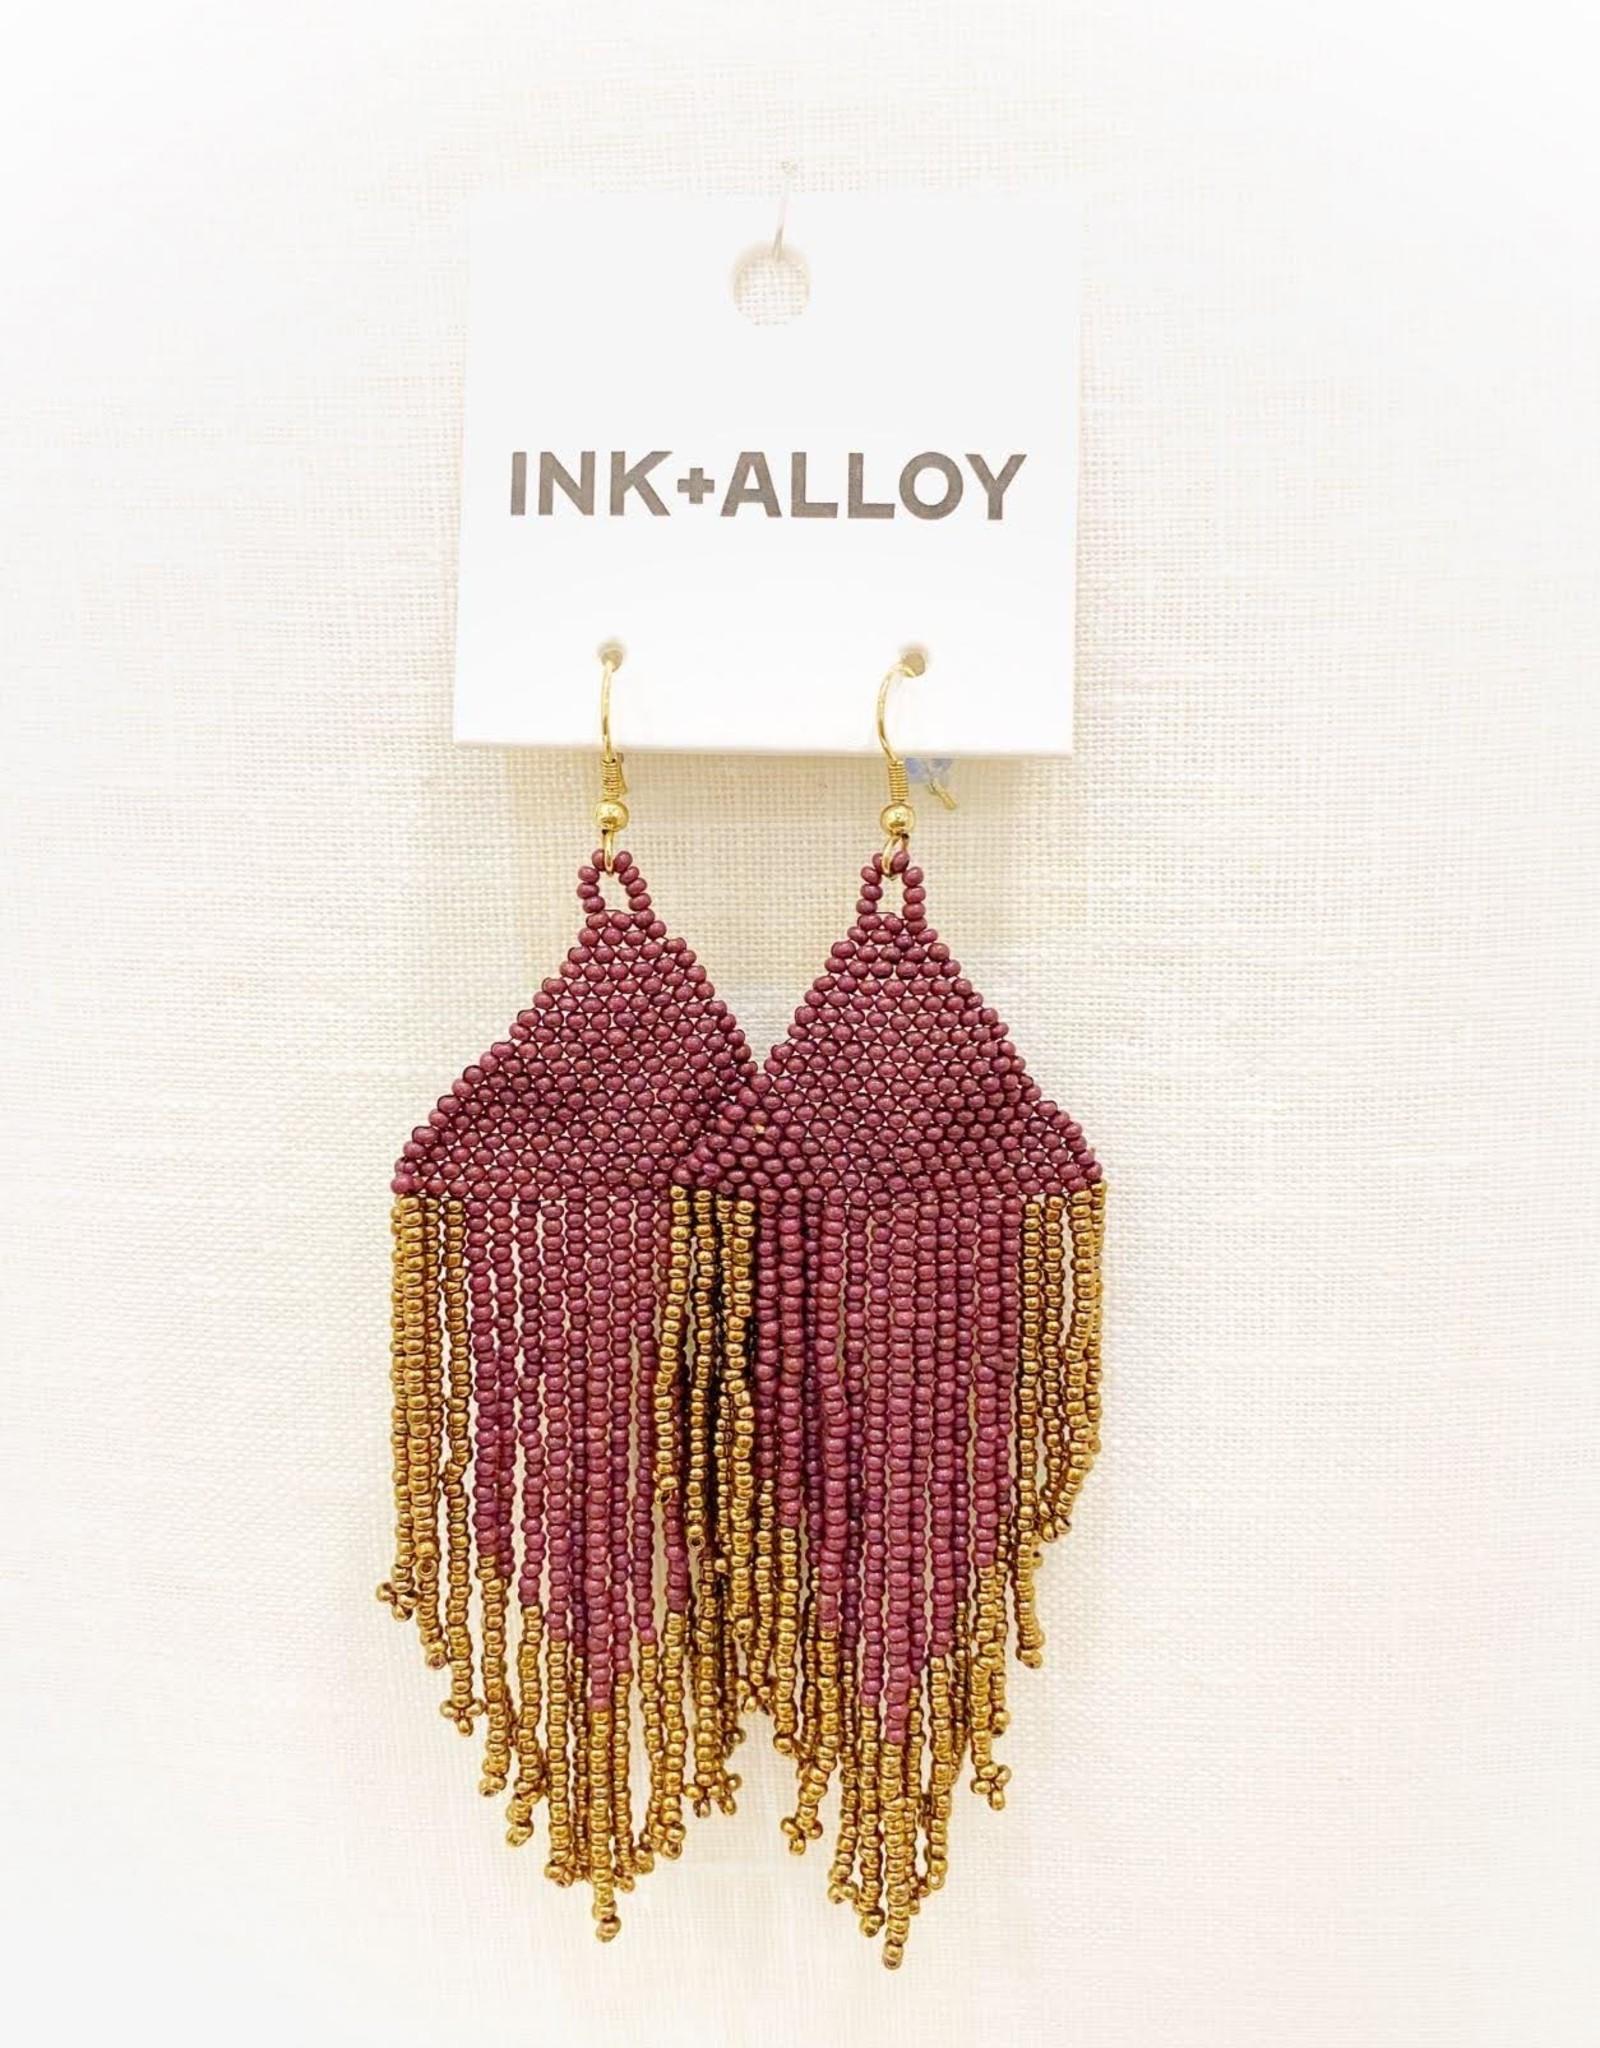 Ink+Alloy Port/Gold Fringe Earrings